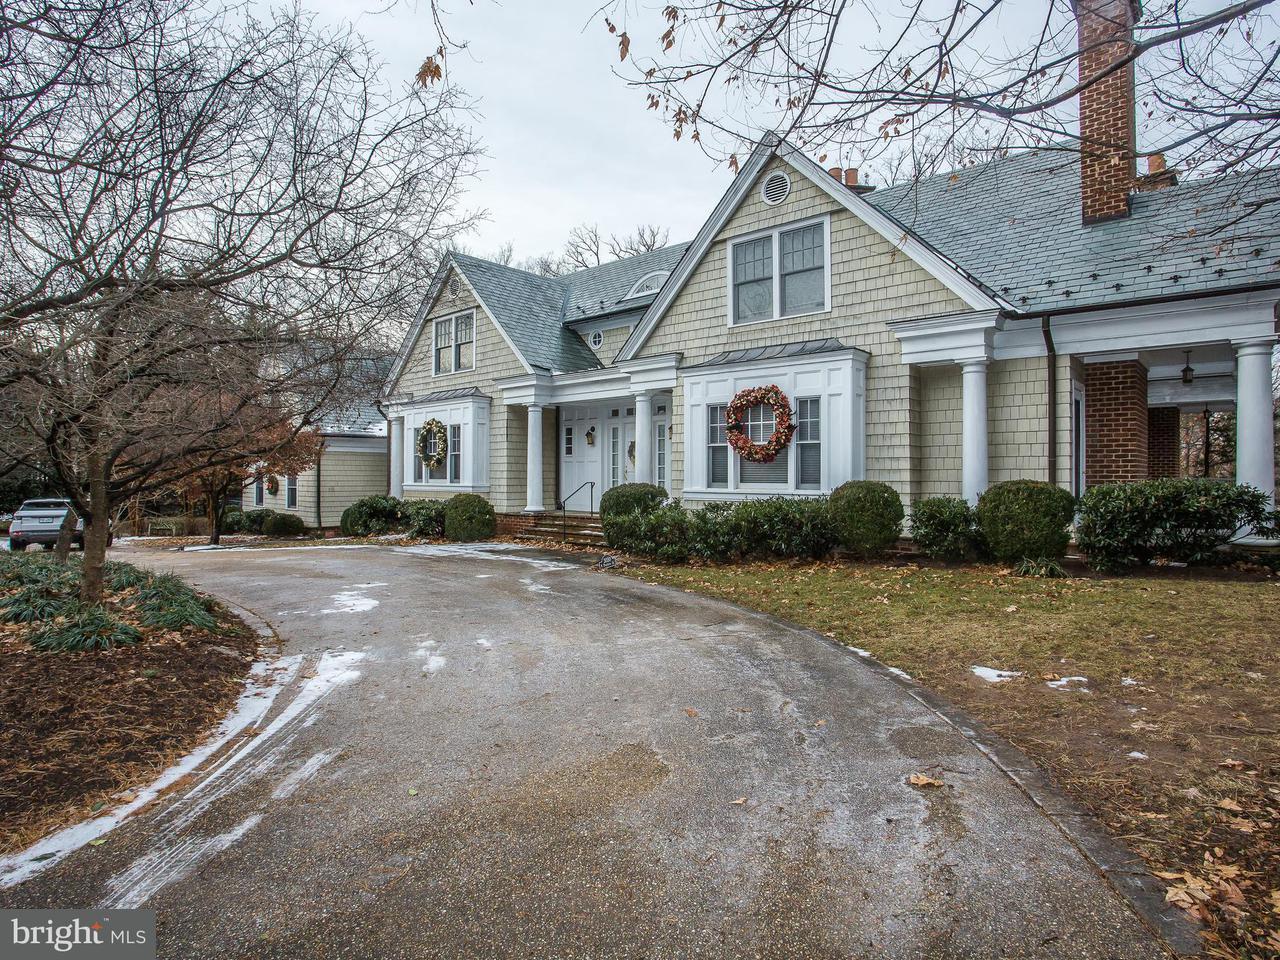 Μονοκατοικία για την Πώληση στο 3030 Dickerson St N 3030 Dickerson St N Arlington, Βιρτζινια 22207 Ηνωμενεσ Πολιτειεσ